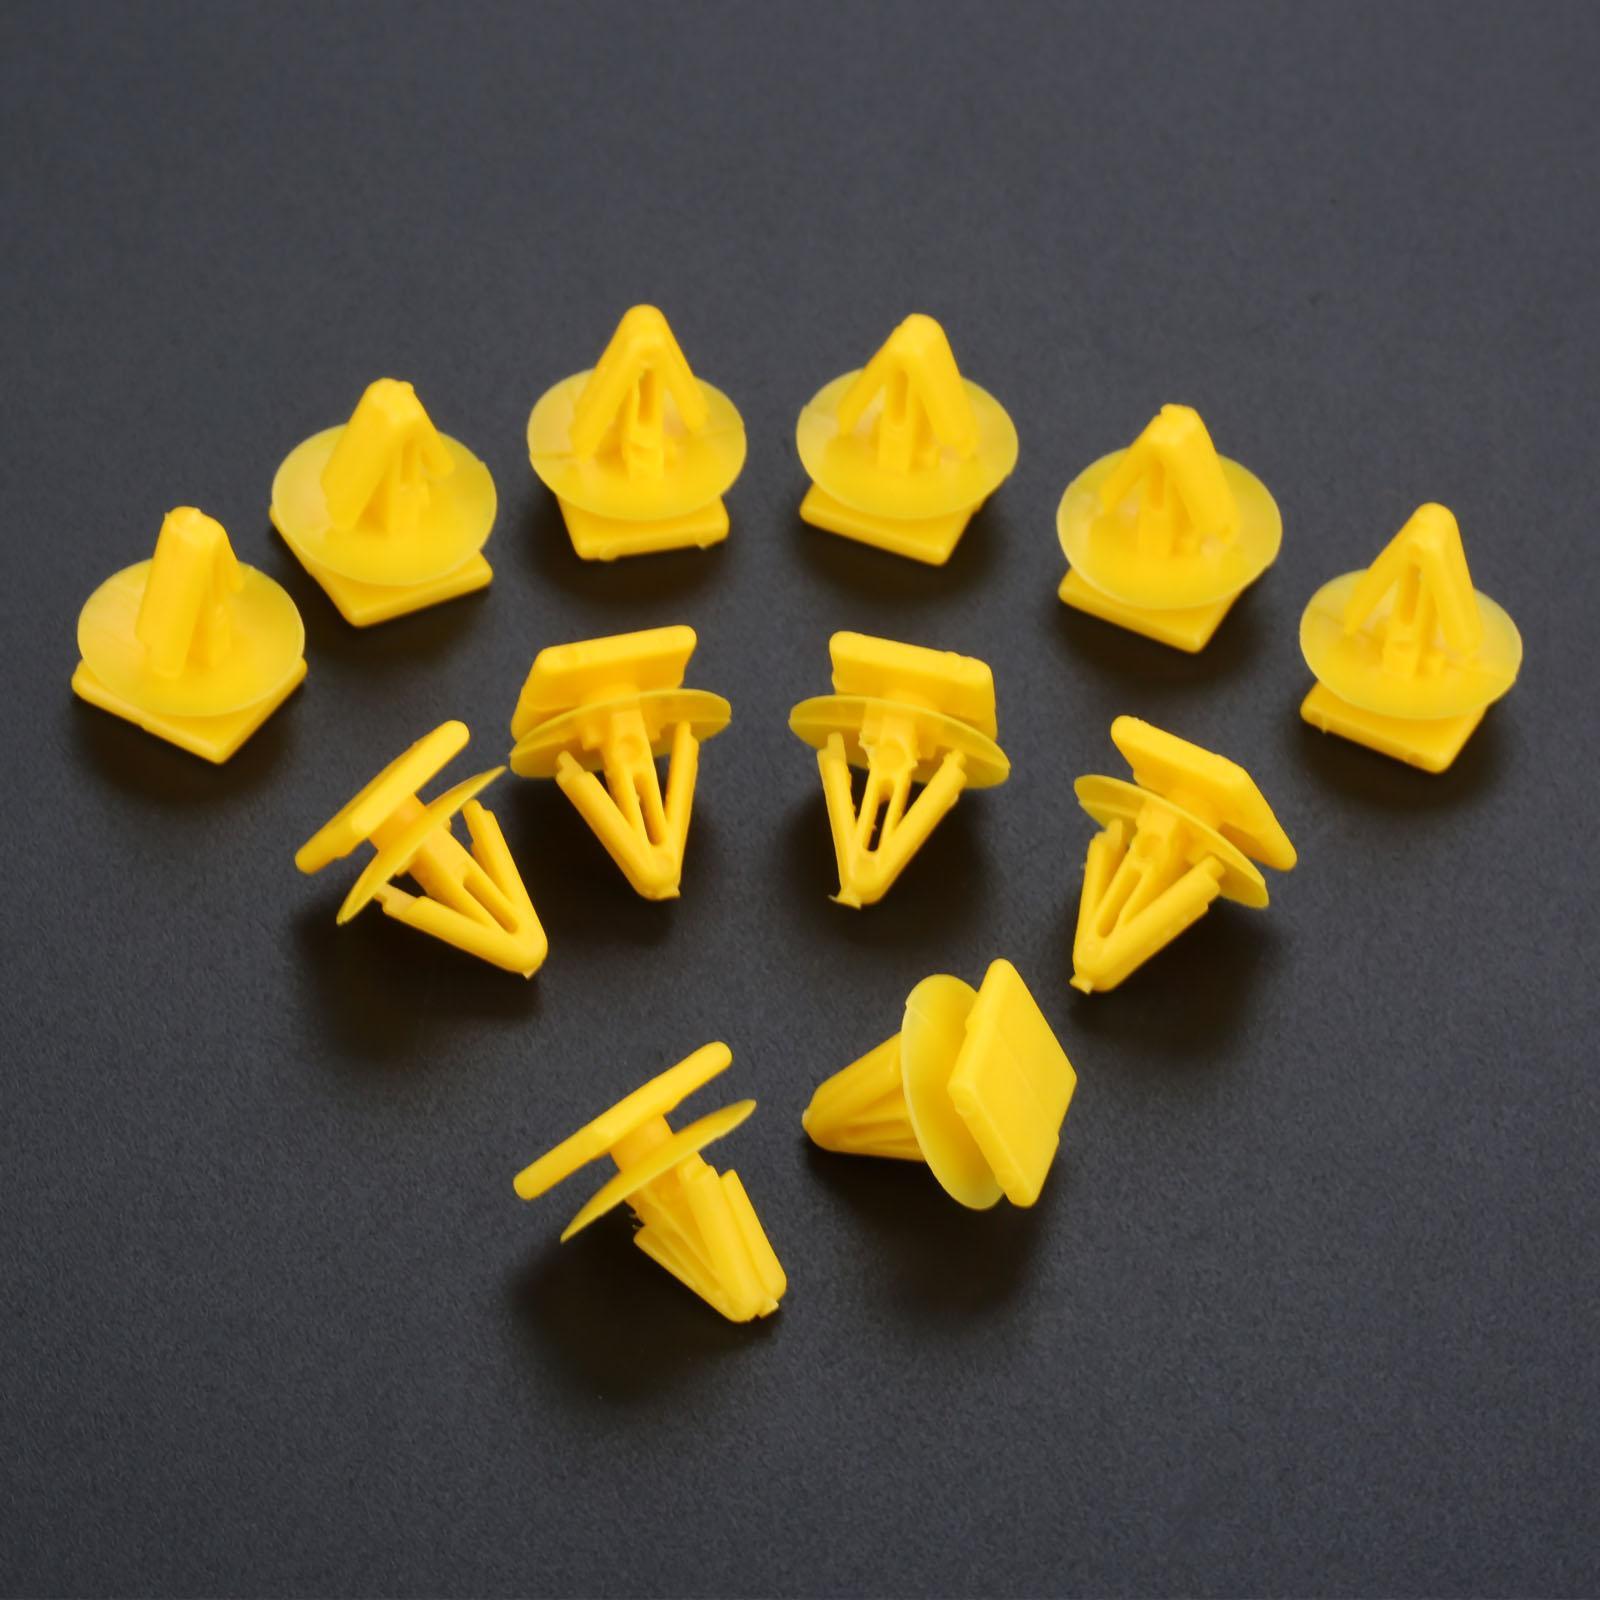 Intérieur Accessoires Auto clip 50PCS D178 voiture porte Planche Fastener plastique fixe Clamp intérieur panneau de garniture clip Auto Fastener 11mm